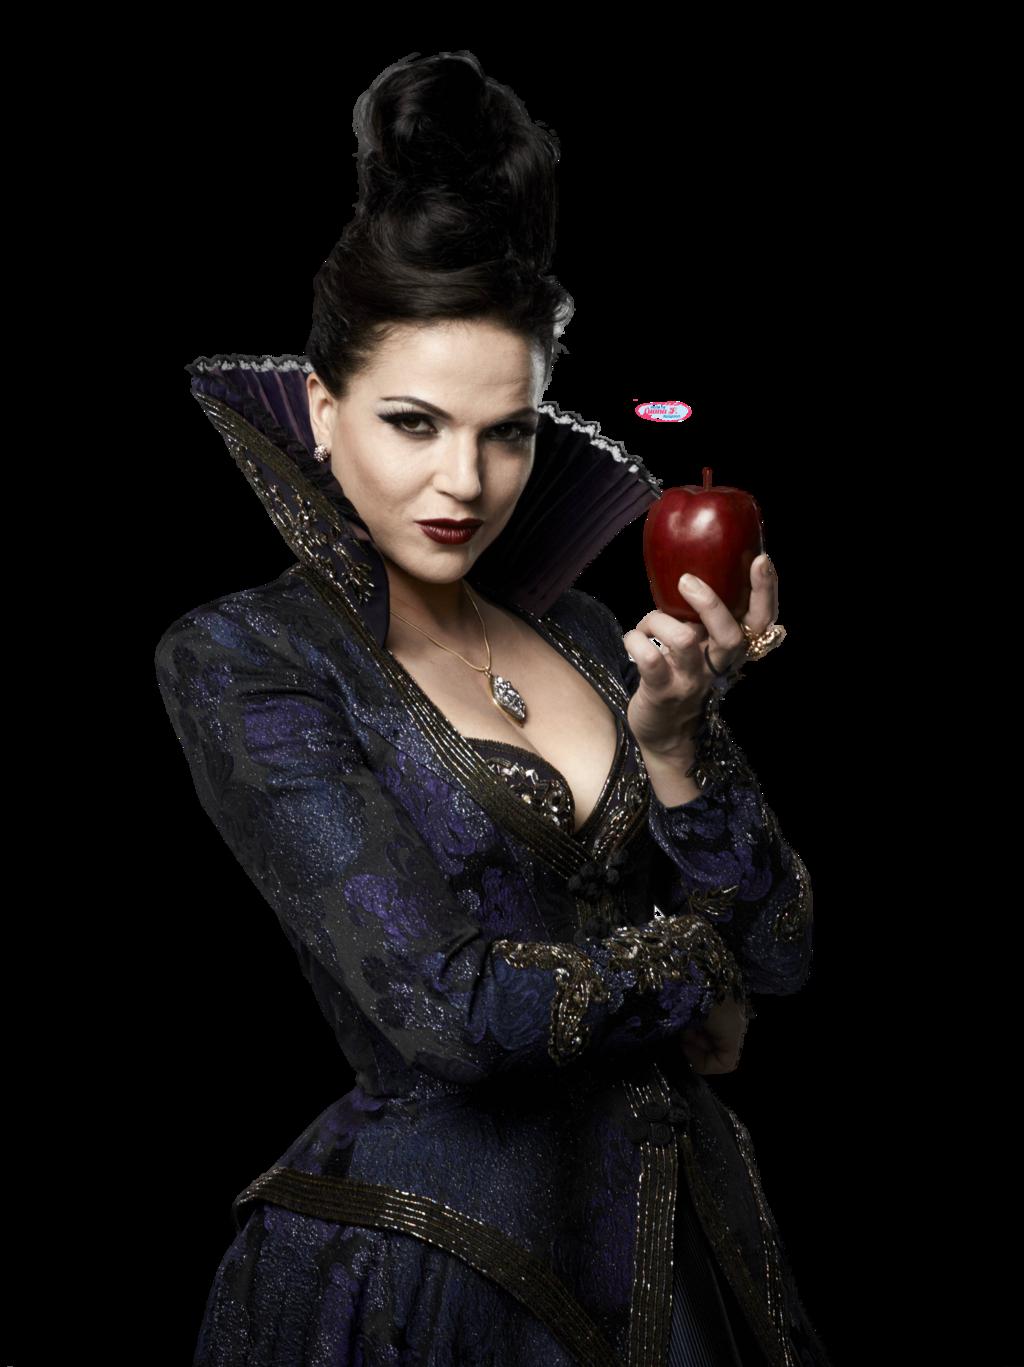 Queen clipart evil queen. Png free download mart